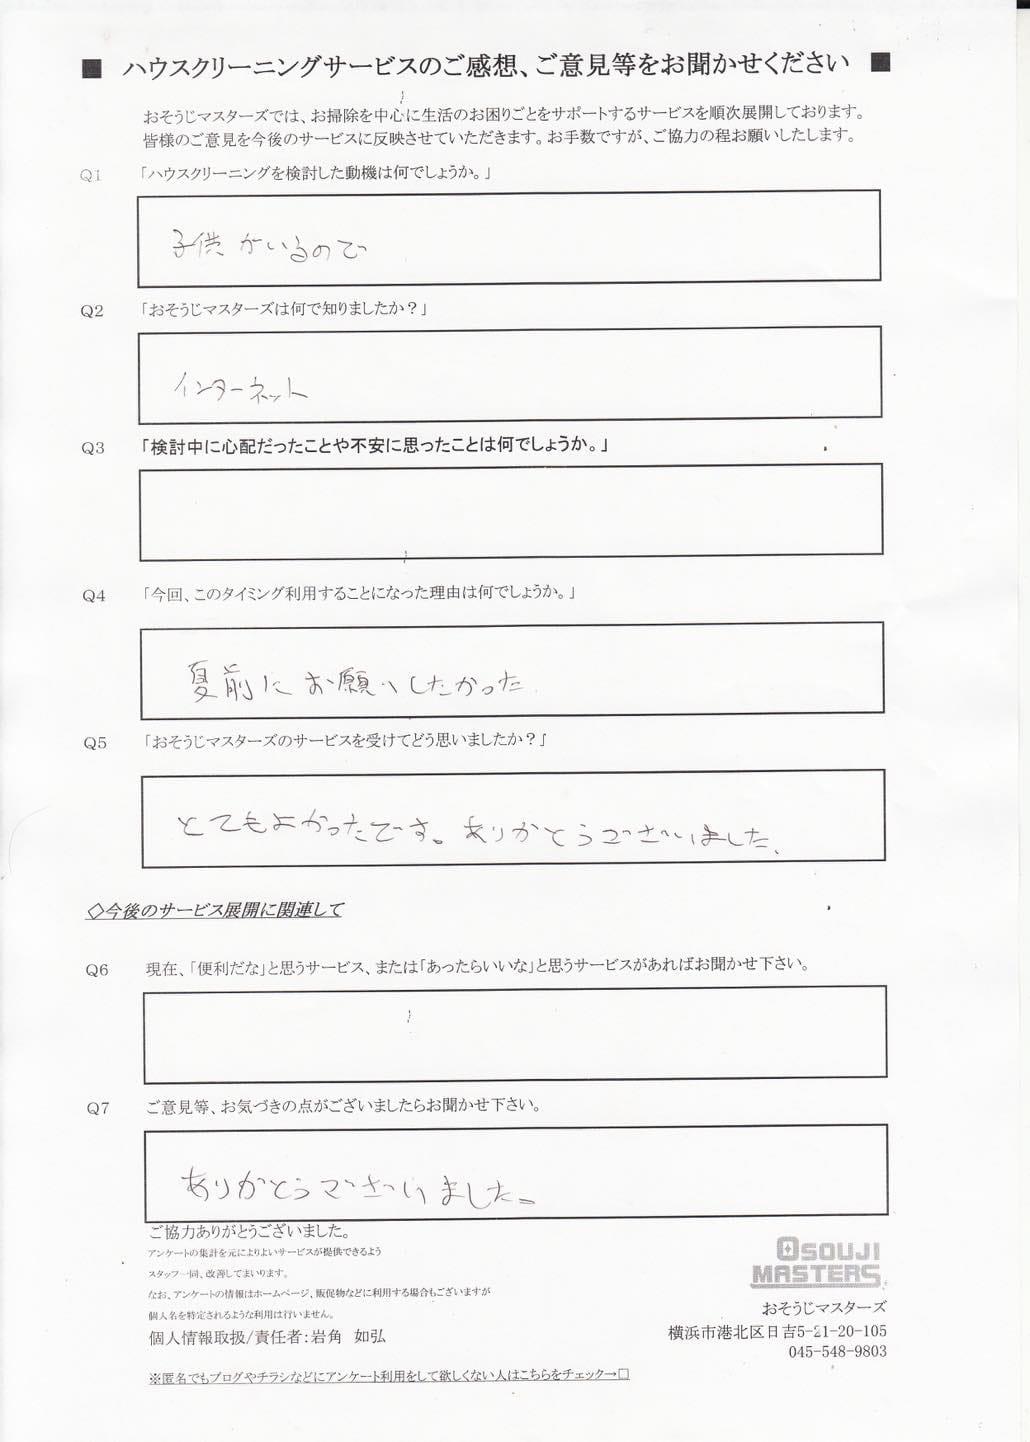 2015/07/14 エアコンクリーニング 【横浜市緑区】